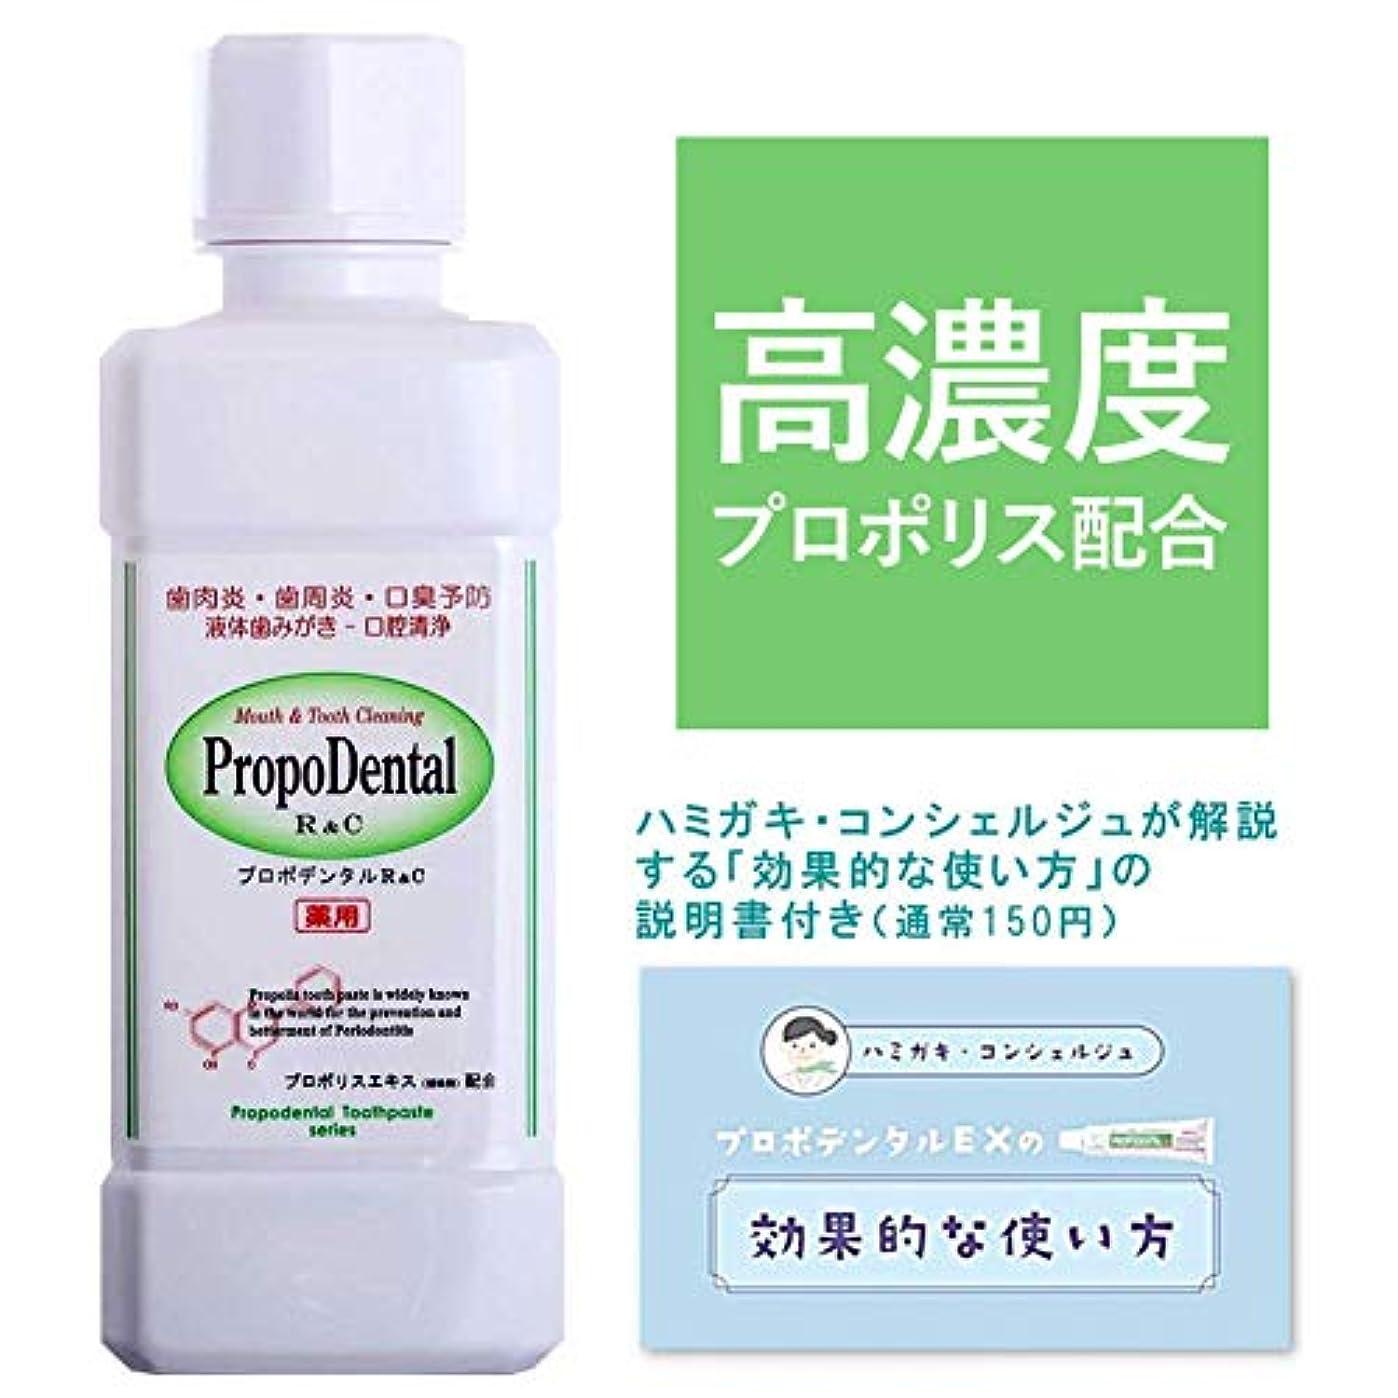 十億消す彫刻薬用液体ハミガキ プロポデンタルリンスR&C(300ml)1本